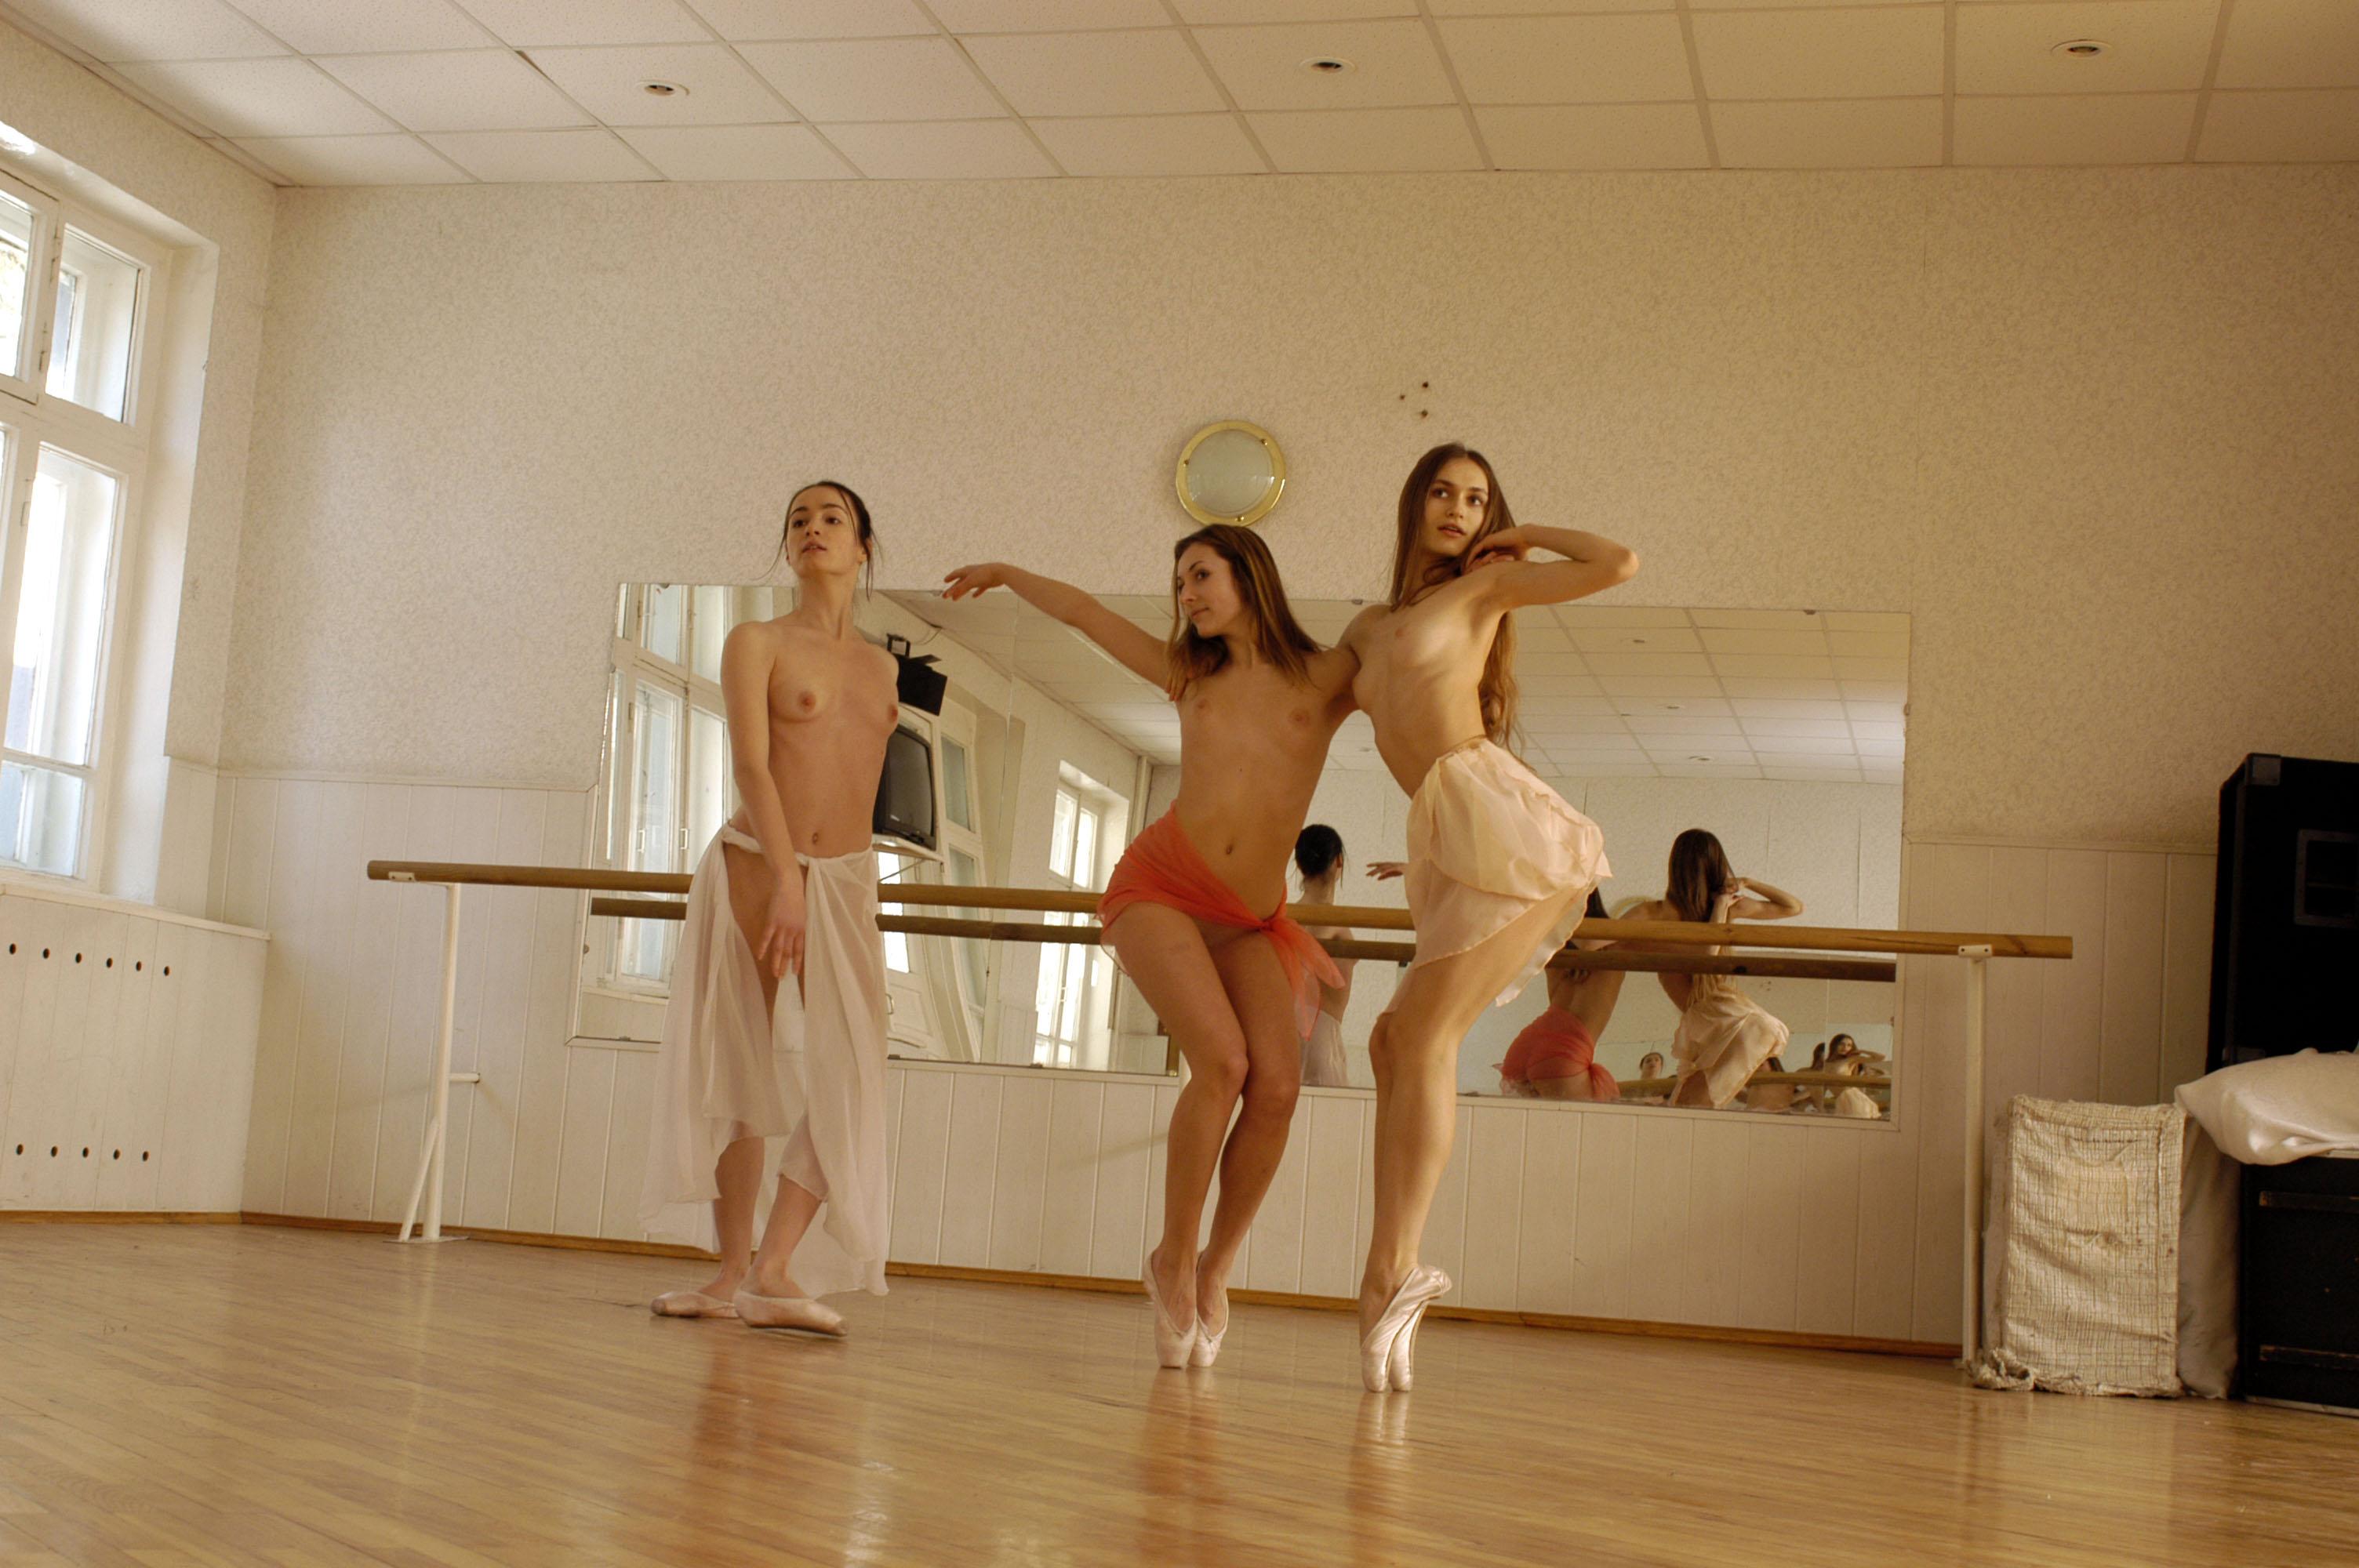 Видео с танцами голышом блога